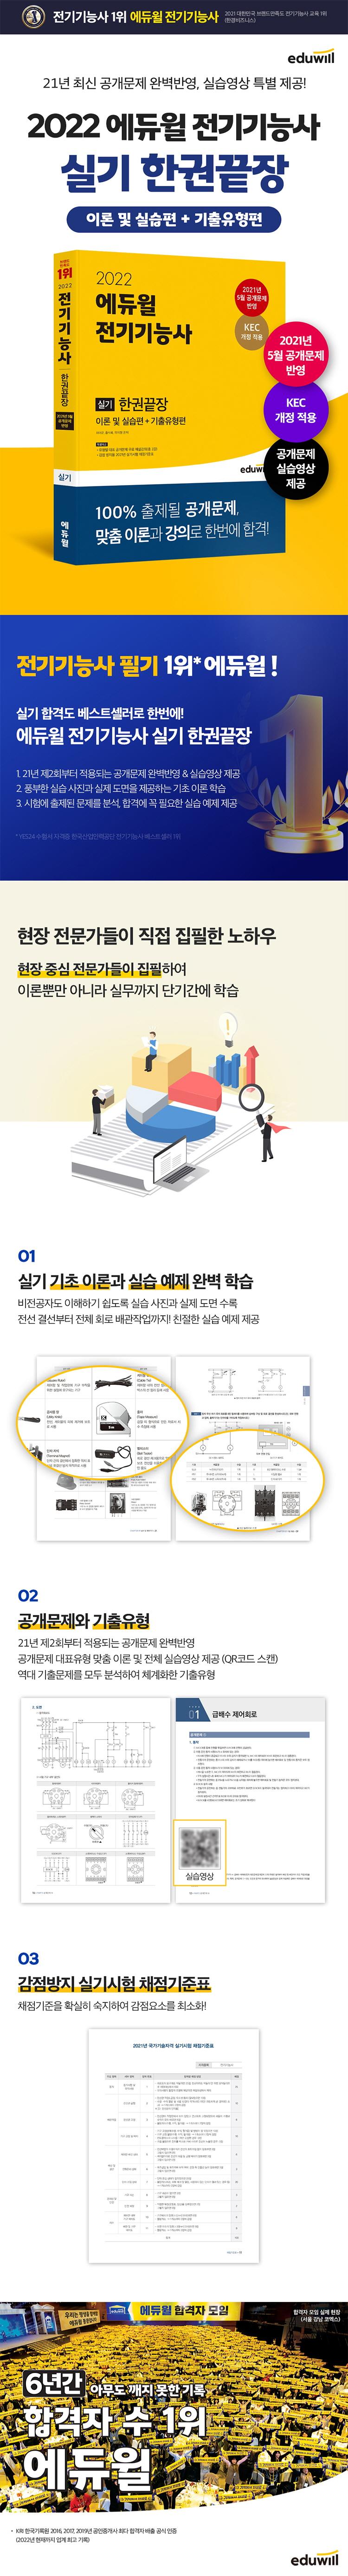 에듀윌 전기기능사 실기 한권끝장 이론 및 실습편 + 기출유형편(2022) 도서 상세이미지